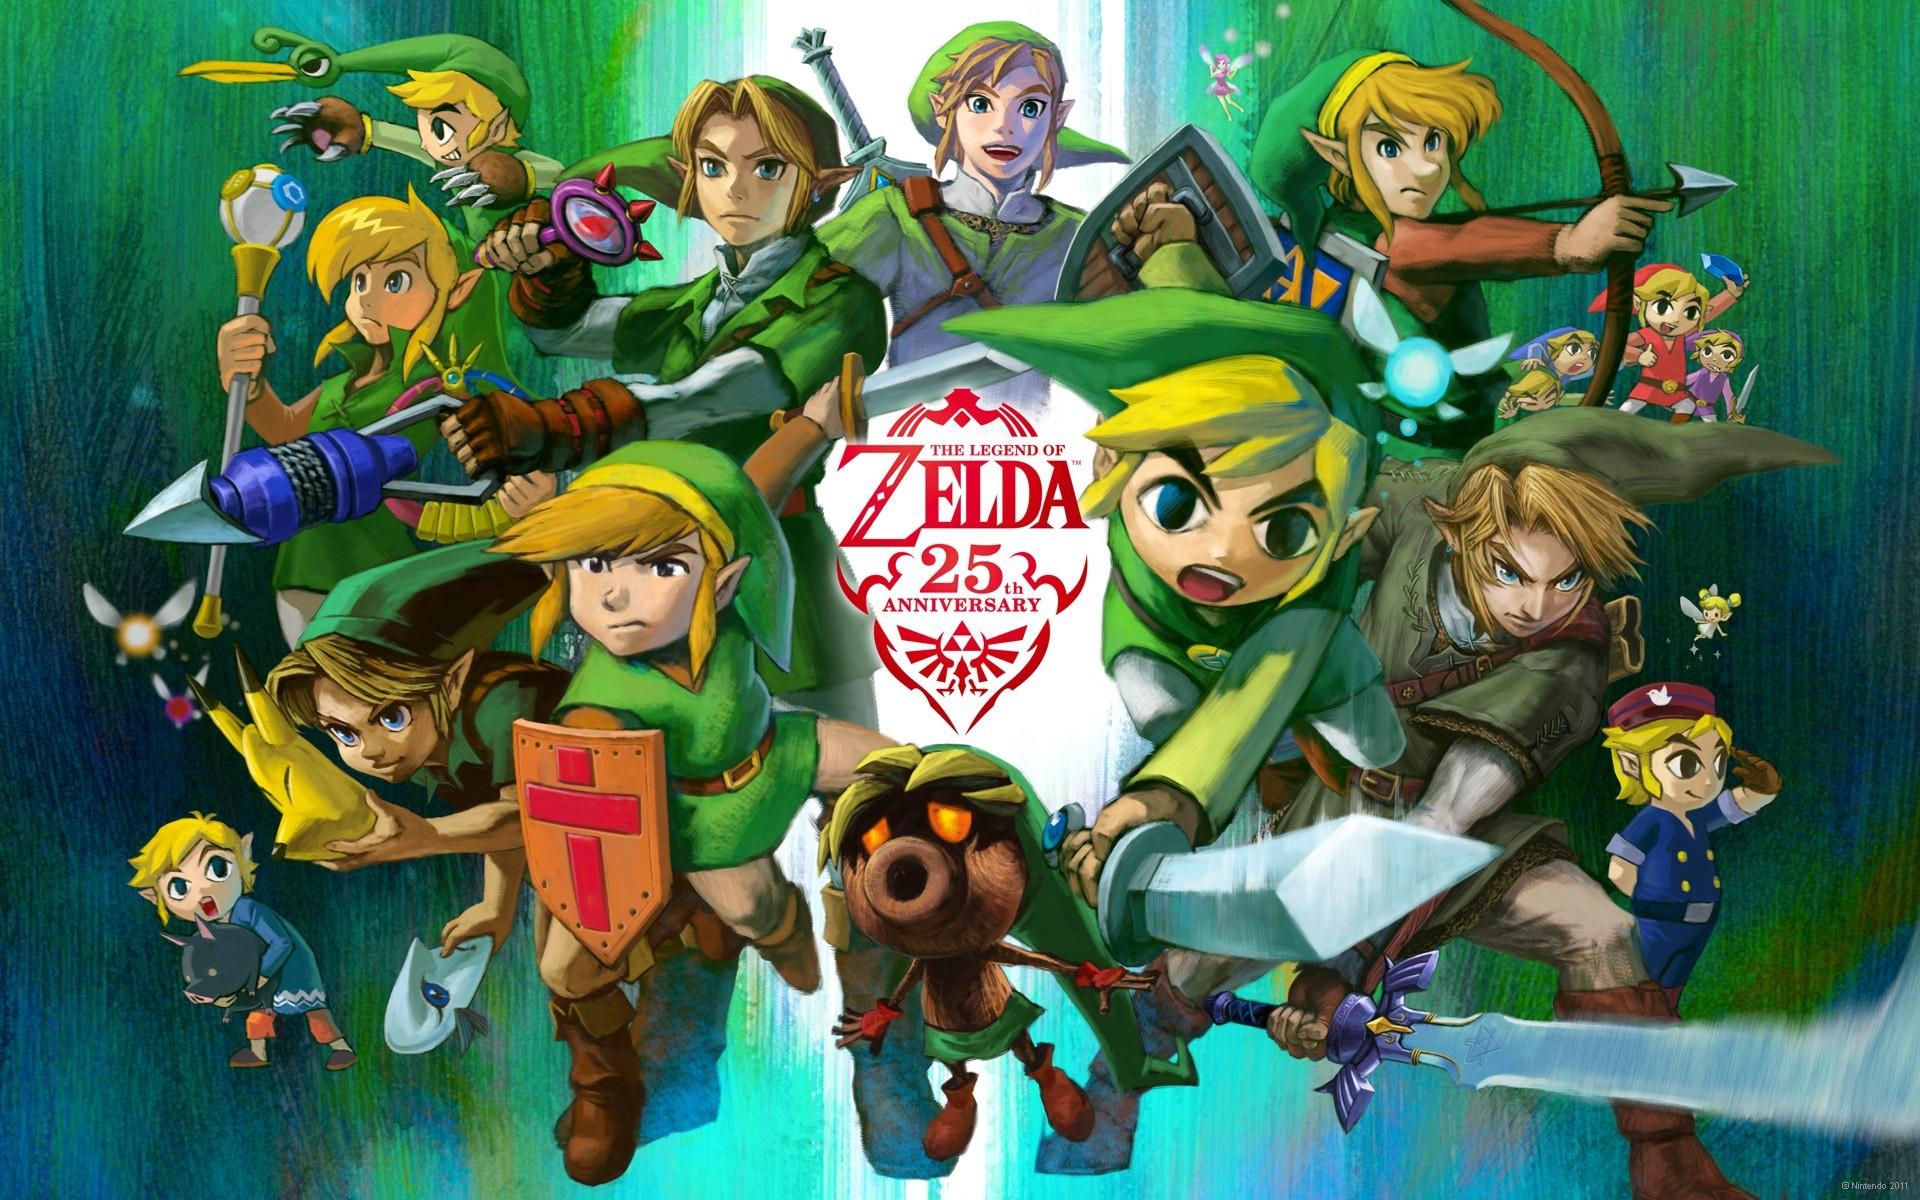 Res: 1920x1200, Zelda Anniversary Wallpaper